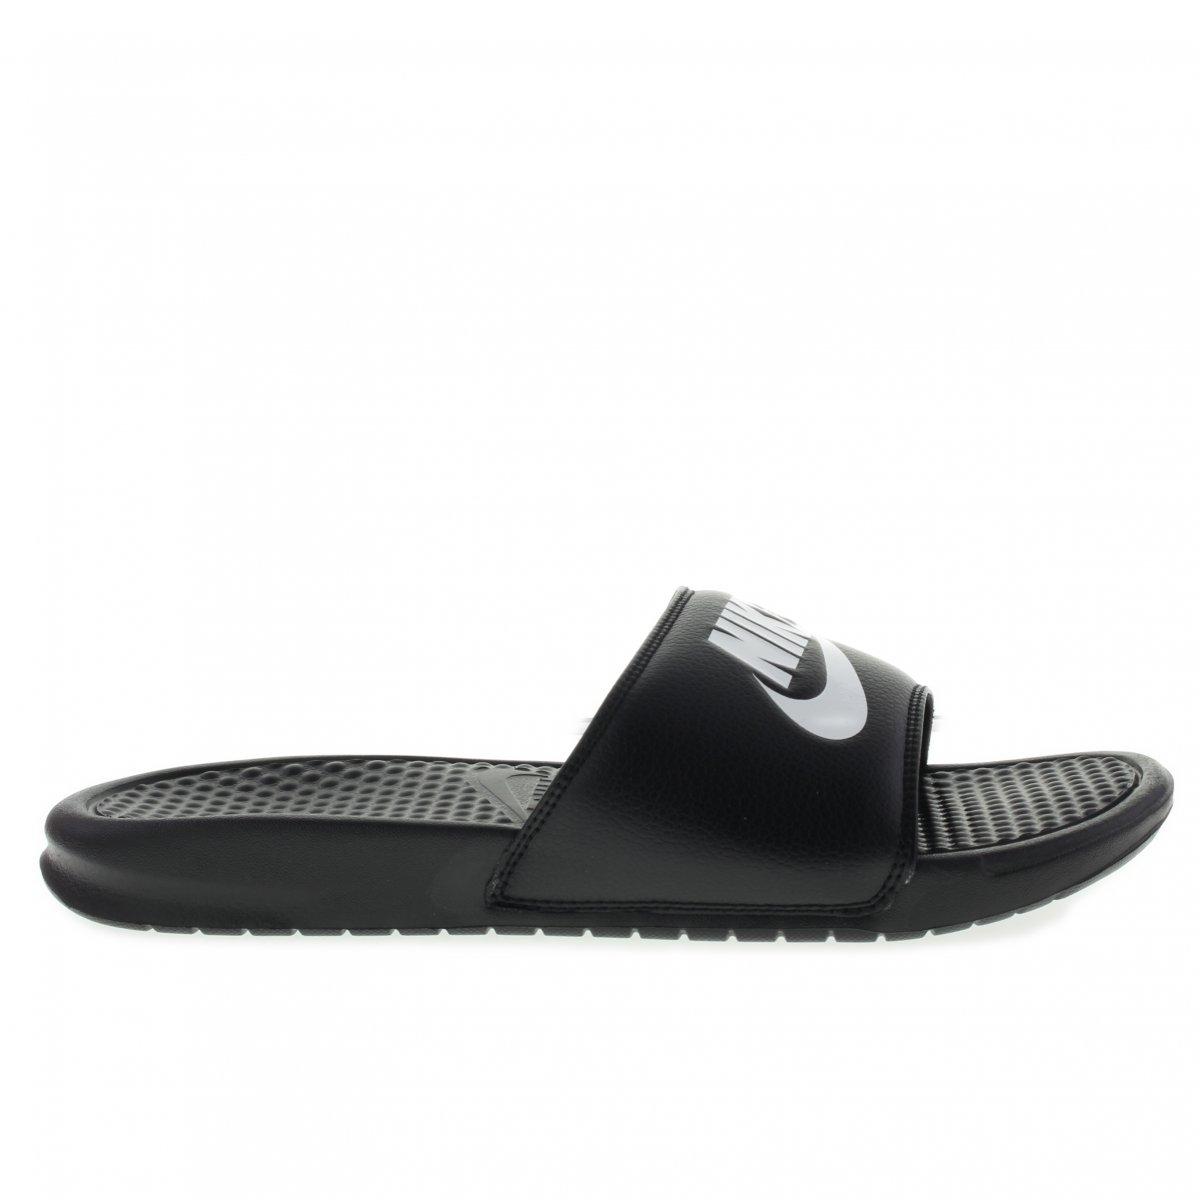 530bcfd4f08 Chinelo Nike Benassi Jdi